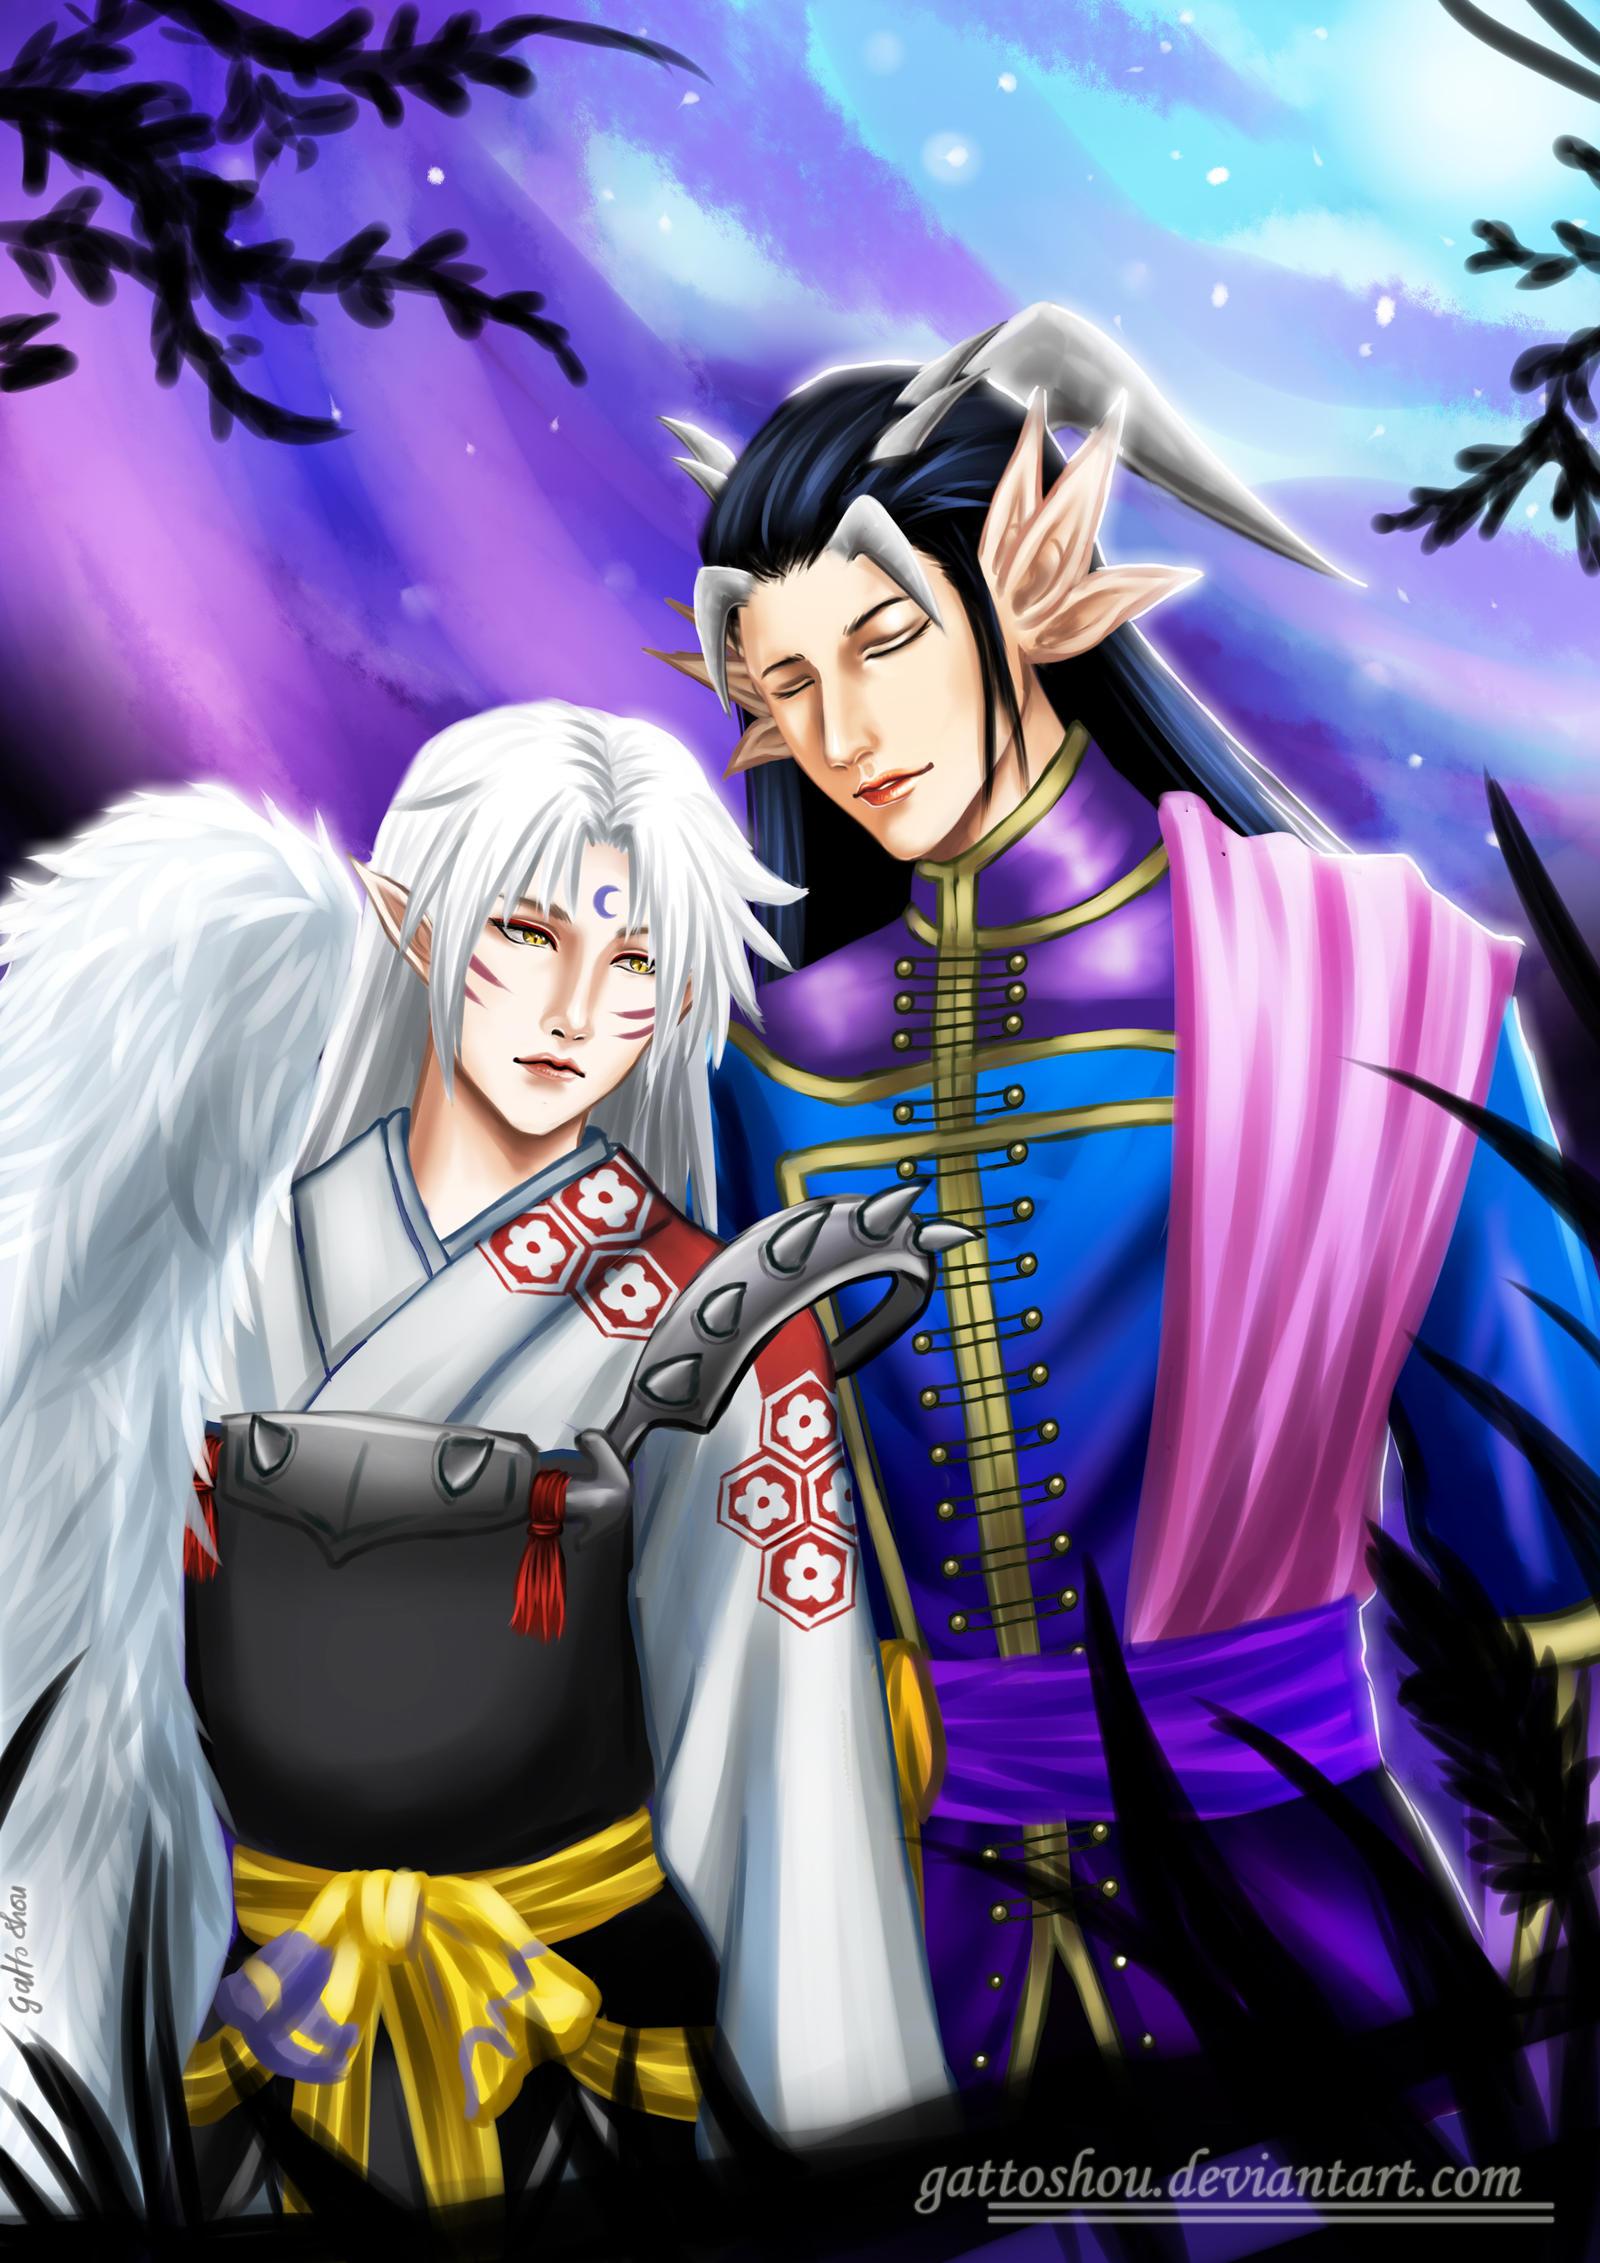 Comm 31 : Yomi and Sesshomaru Fanart by gattoshou